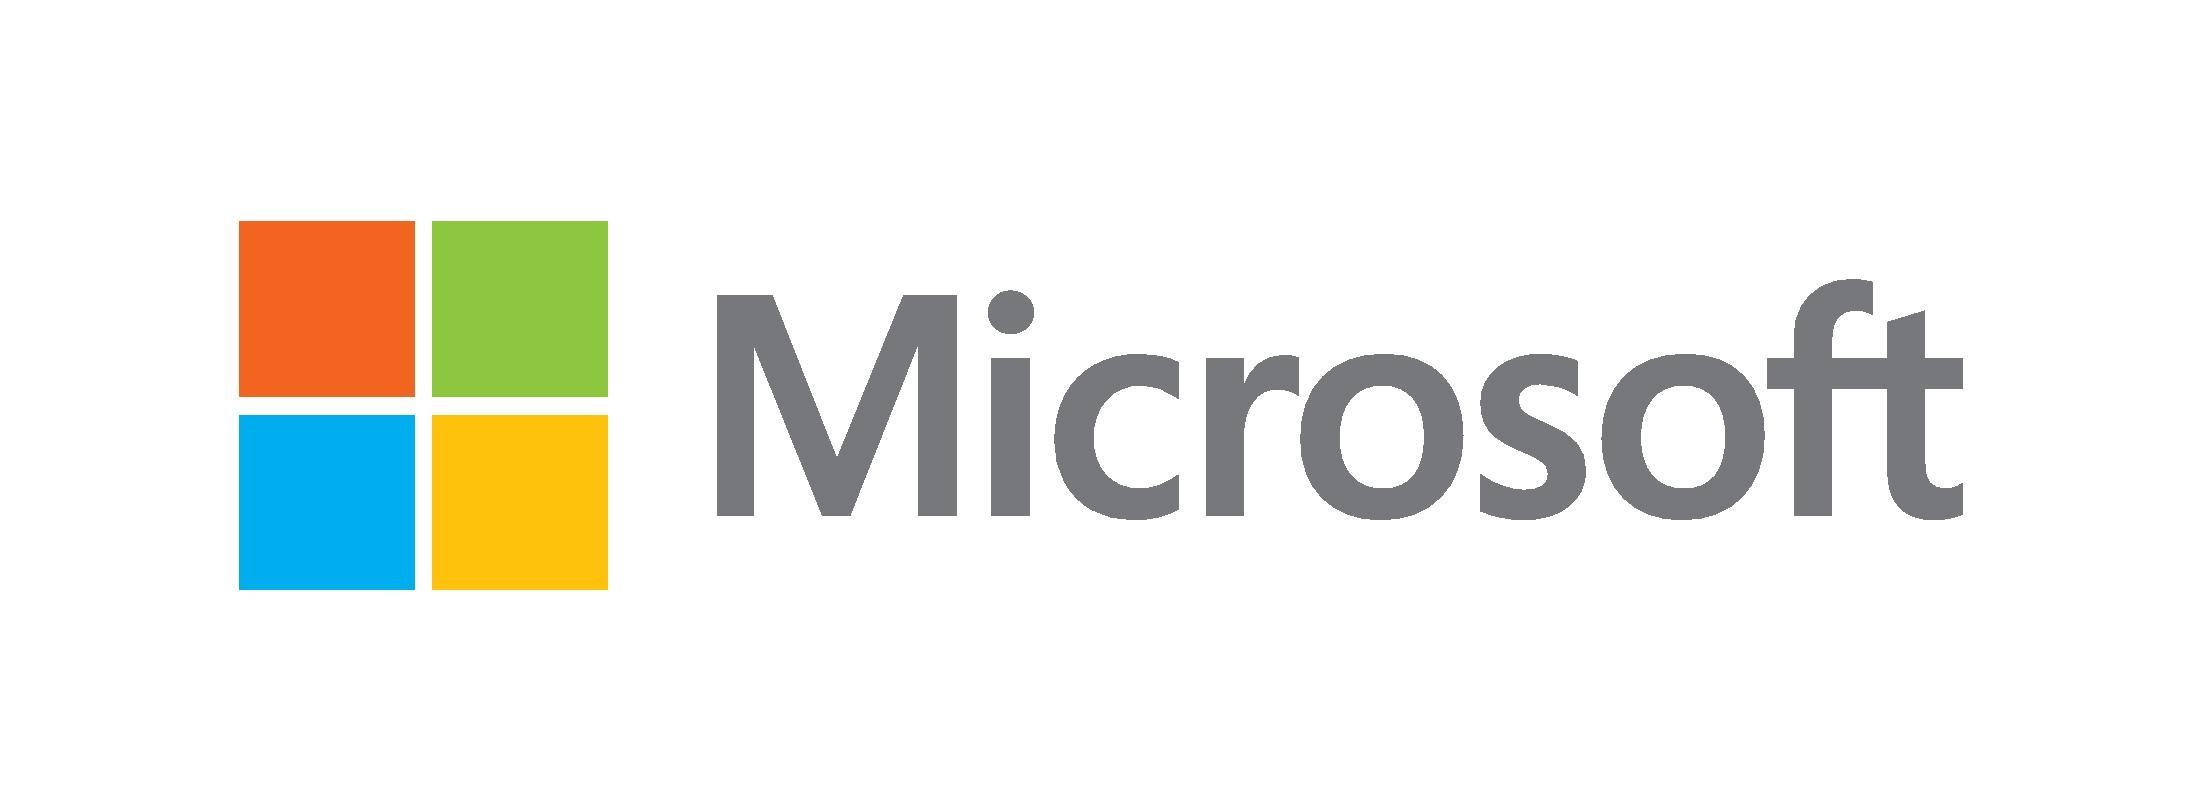 Wielka przebudowa Microsoftu